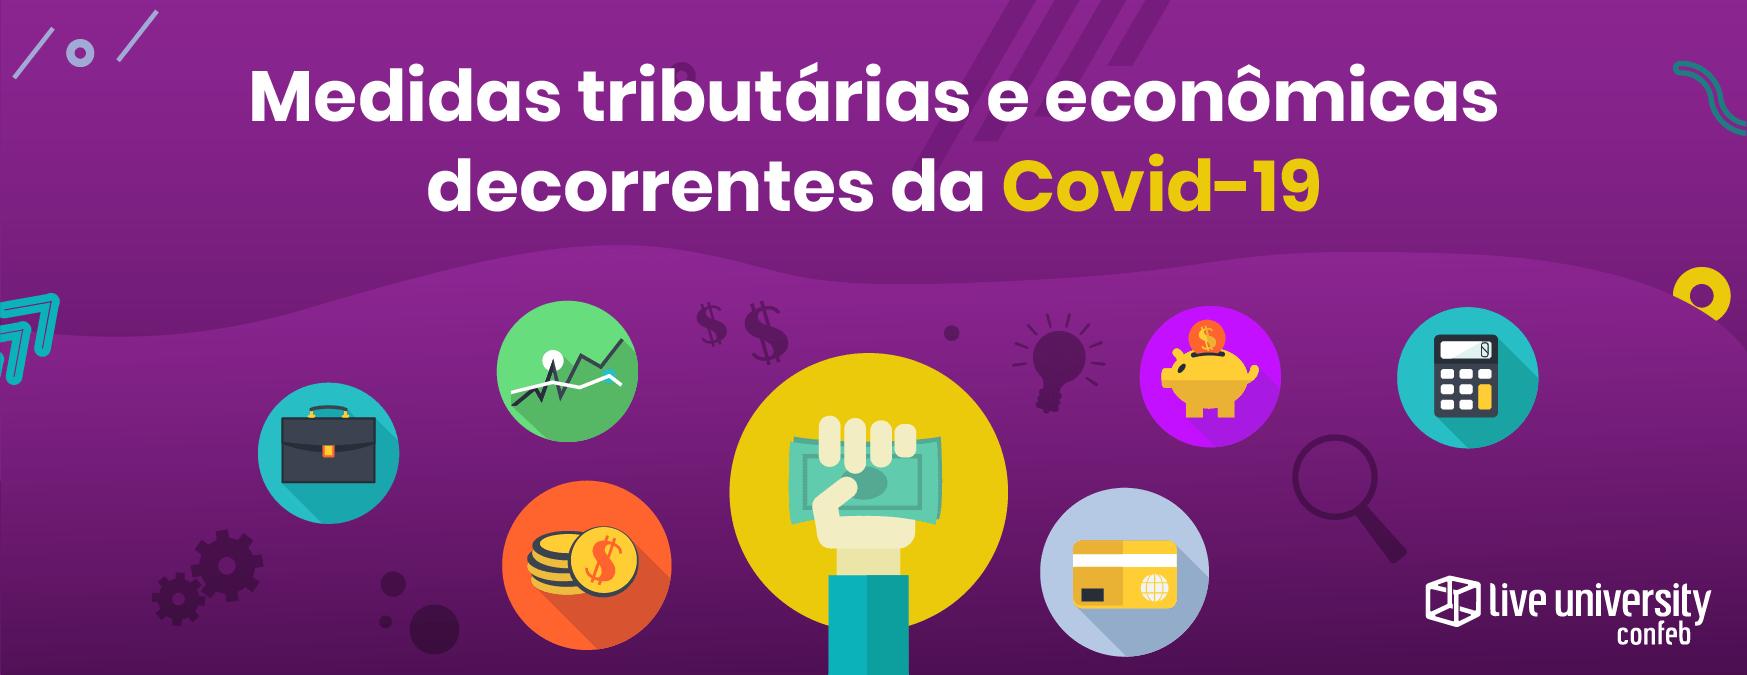 ilustração do artigo sobre medidas tributárias e econômicas da covid-19